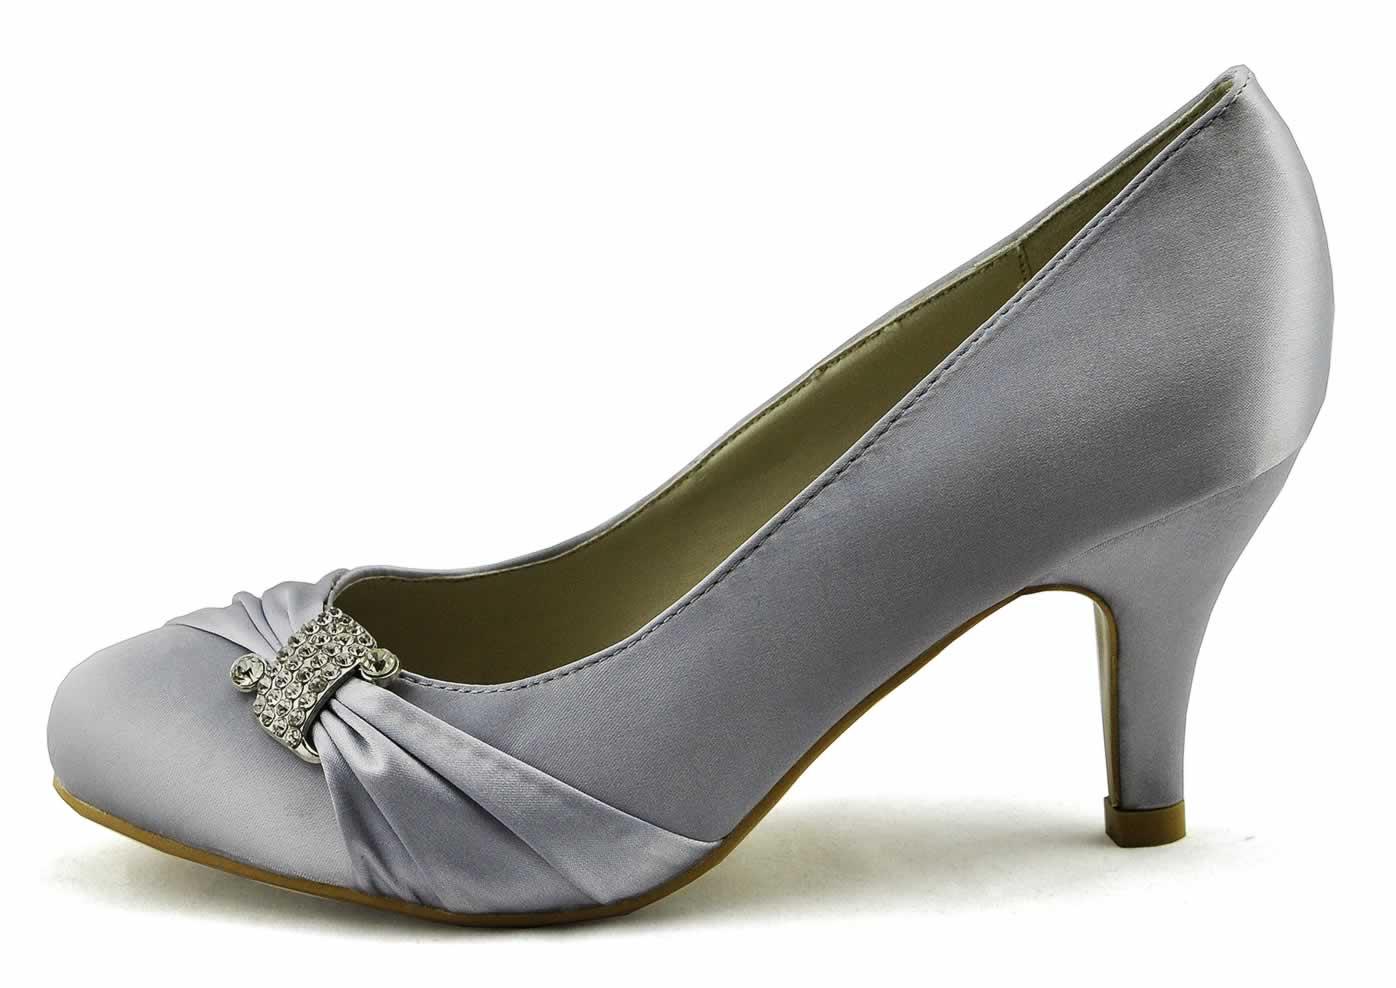 Shoes :: LSS00132 - Silver Diamante Satin Court Shoes - Ladies ...